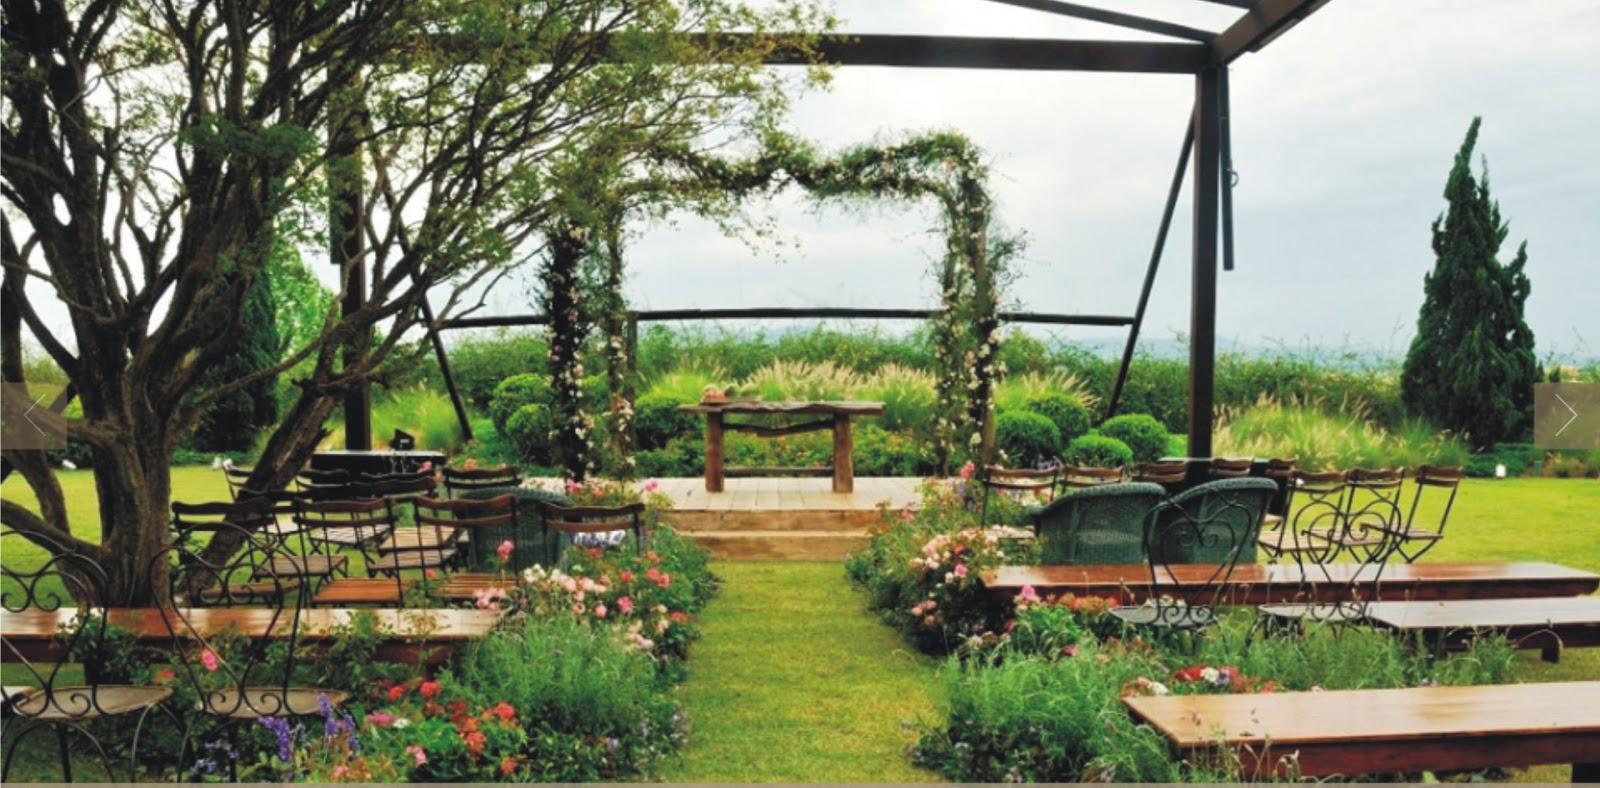 decoracao para casamento no jardim: Craft, Rústico, Retrô e Criativos} Curitiba-PR: Casamento no jardim